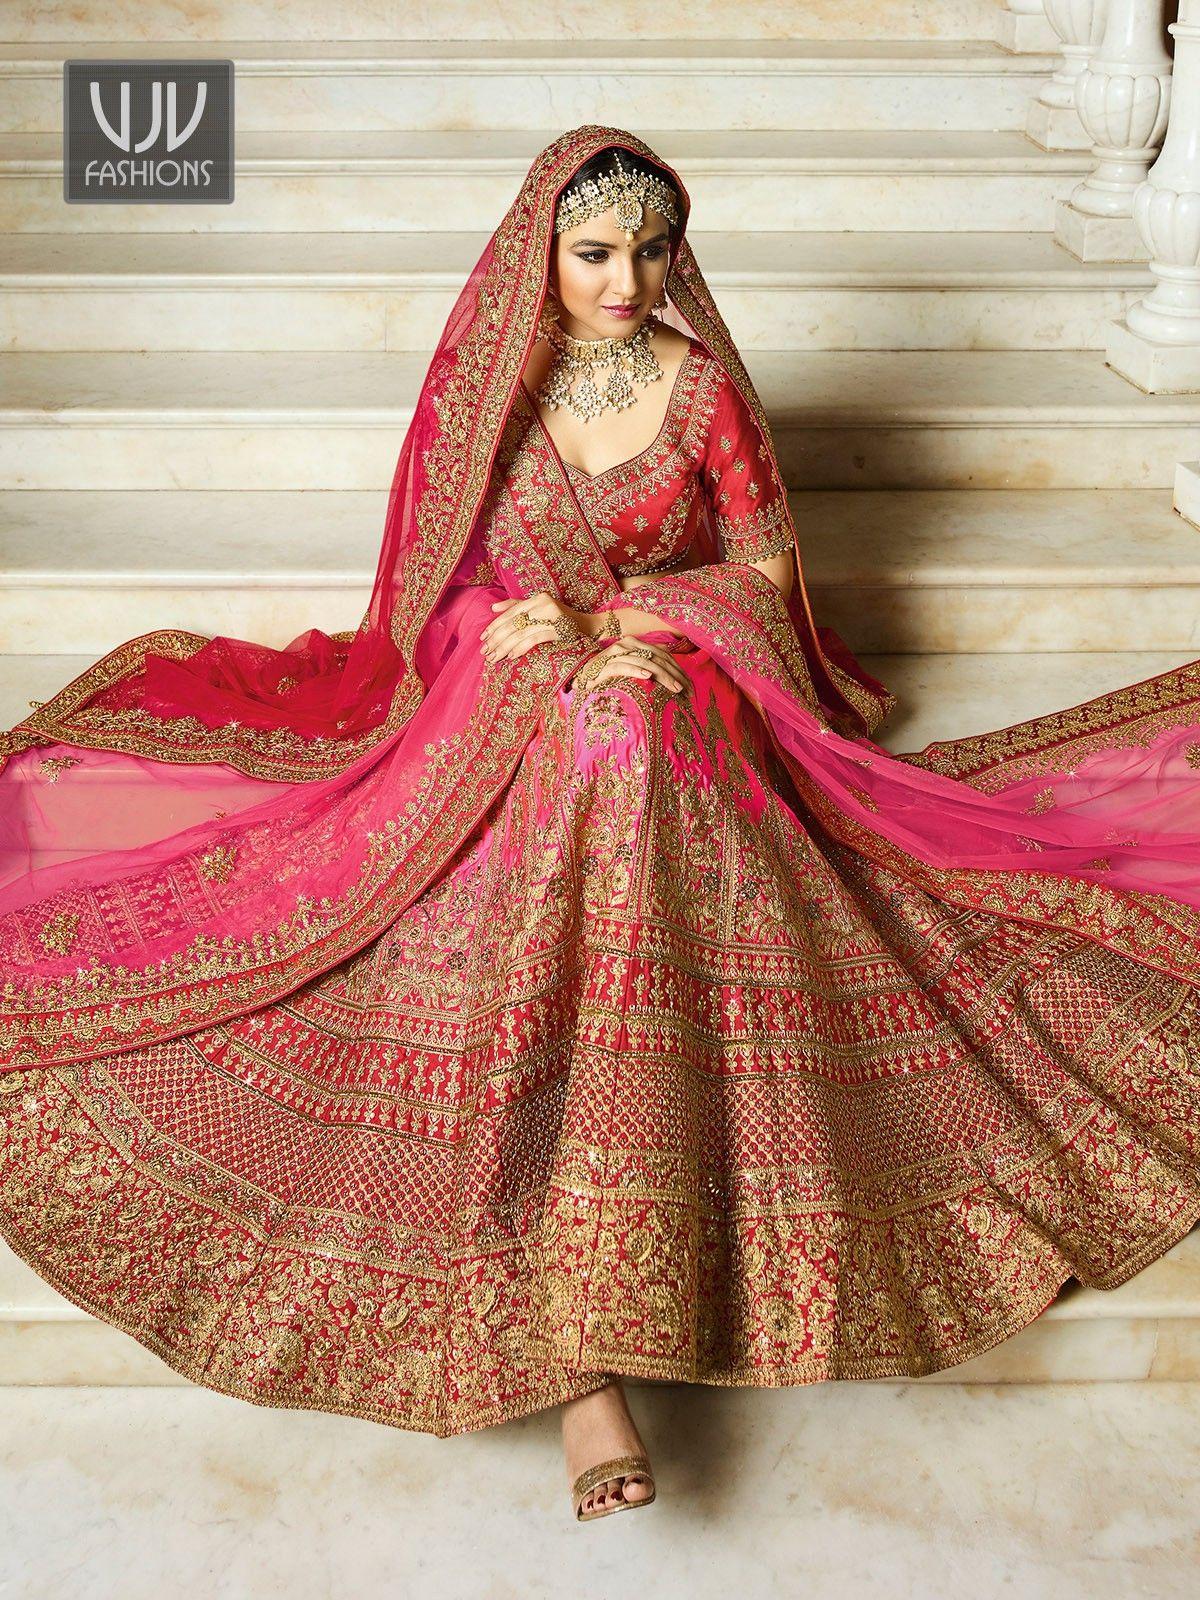 Awesome Pink Color Wedding Designer Lehenga Choli Indian Wedding Dress Bridal Lehenga Indian Bridal Outfits Indian Bridal Lehenga,Womens Wedding Dresses Casual